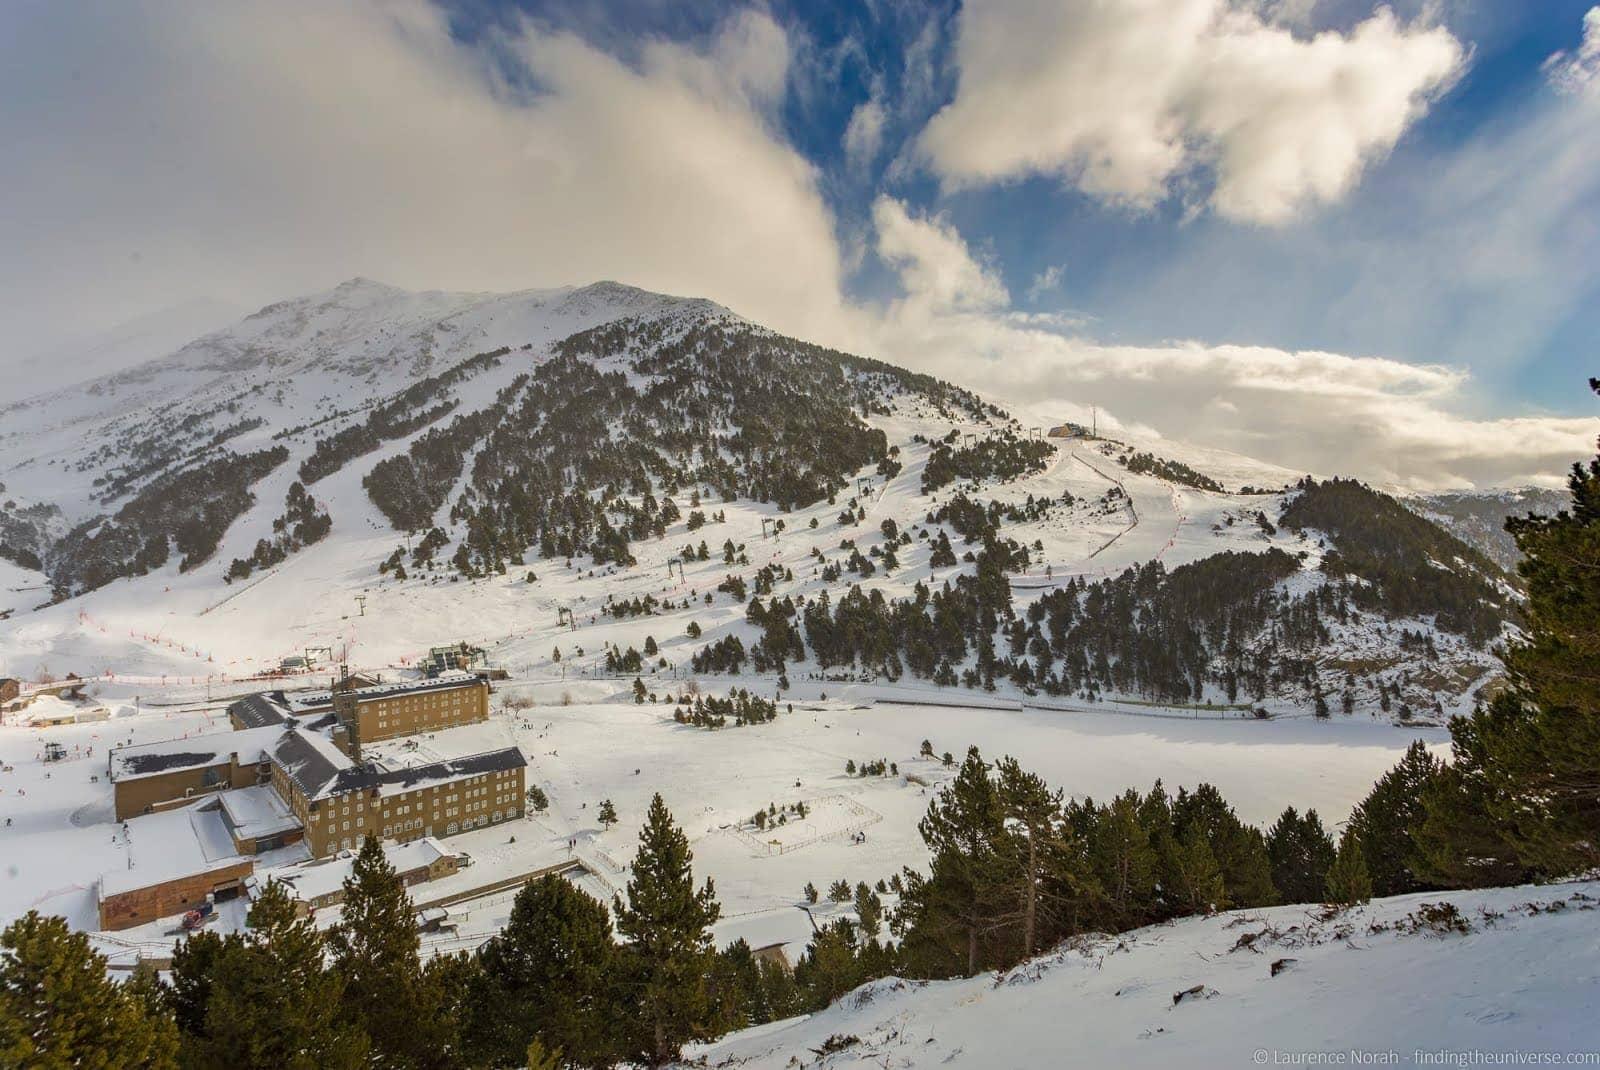 Skiing in Spain - Val de Nuria Ski Resort Pyrenees_by_Laurence Norah